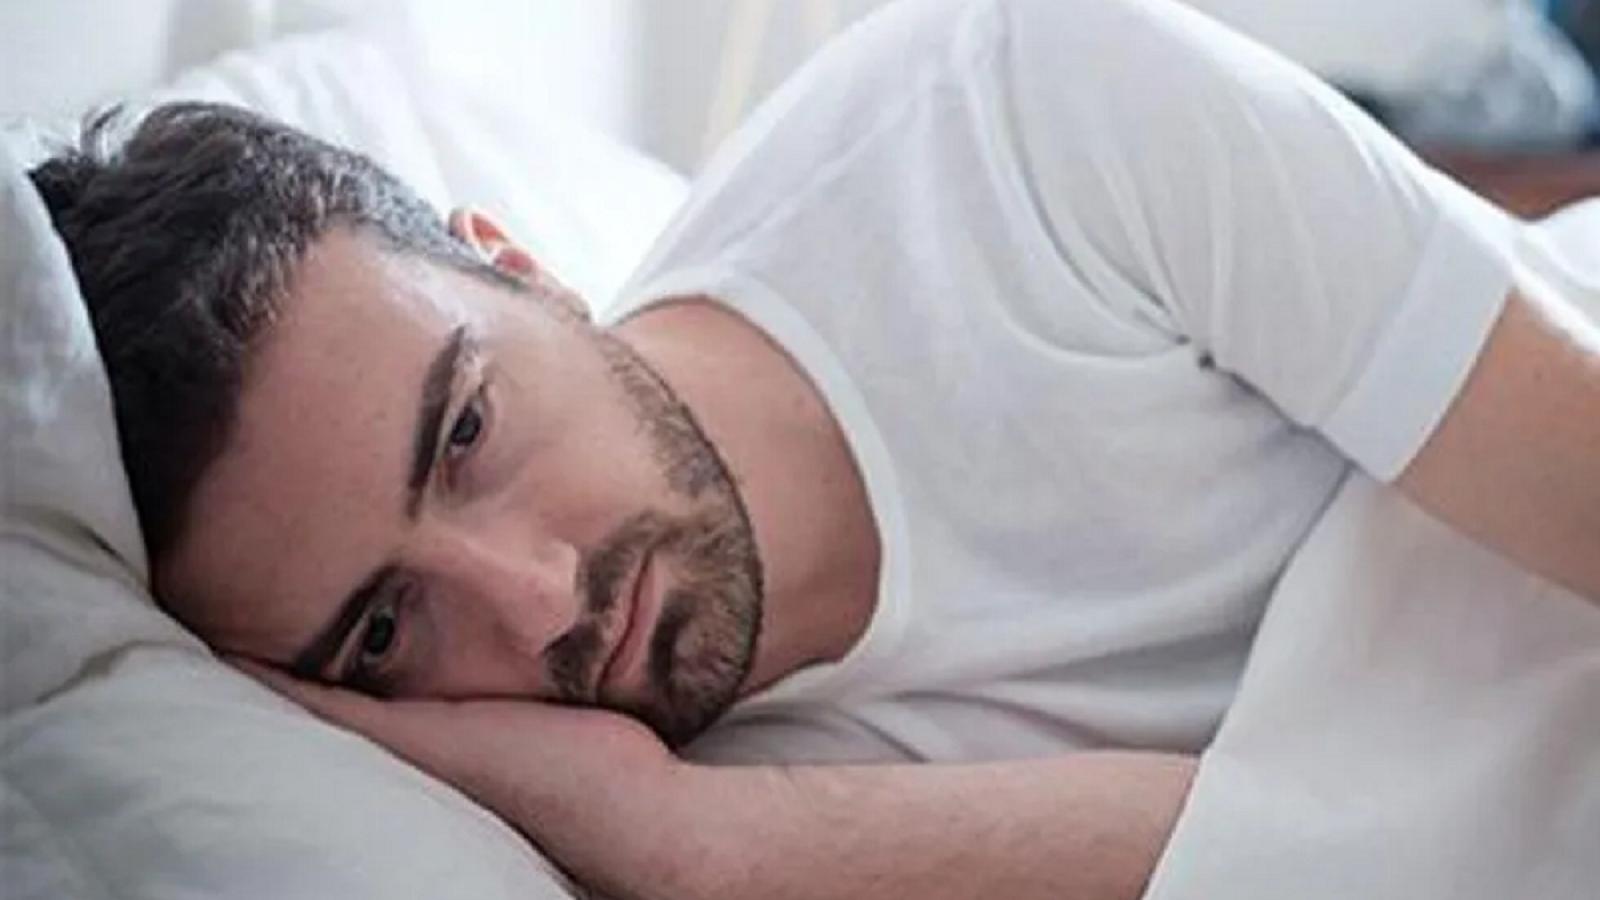 Đêm mất ngủ có thể nhanh chóng làm xáo trộn cảm xúc của bạn